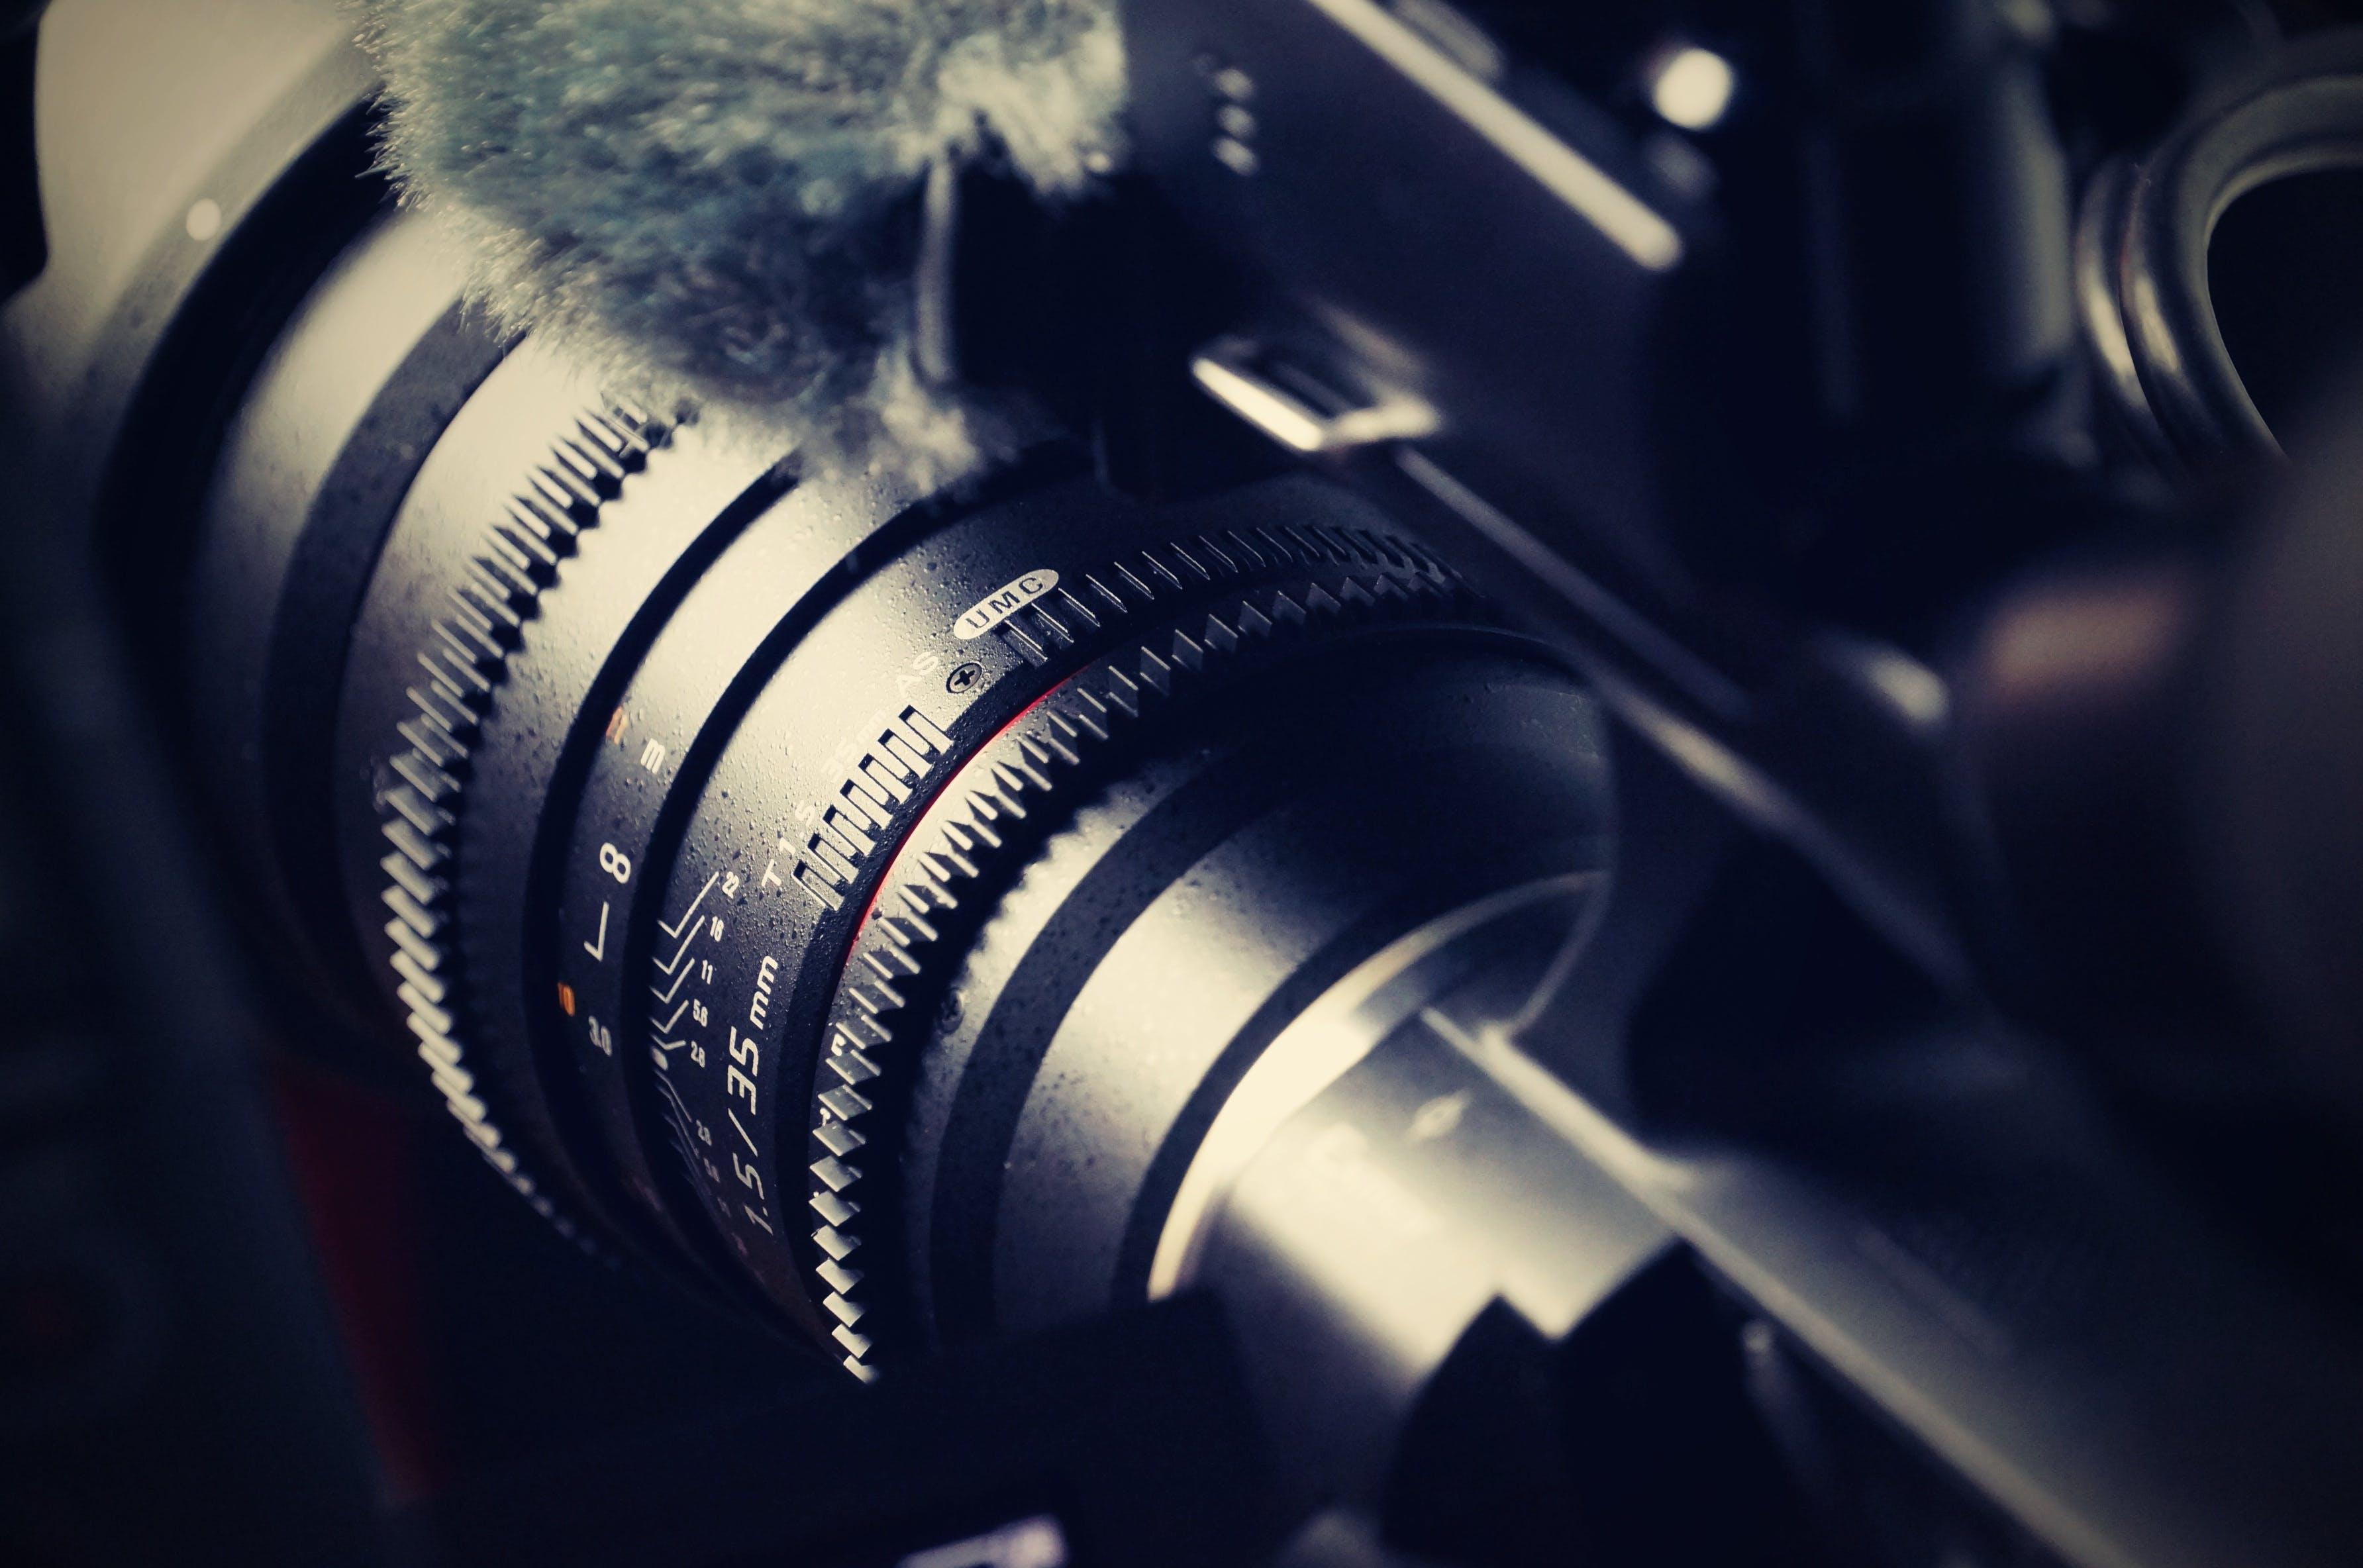 Gratis lagerfoto af close-up, elektronik, kamera, kameralinse